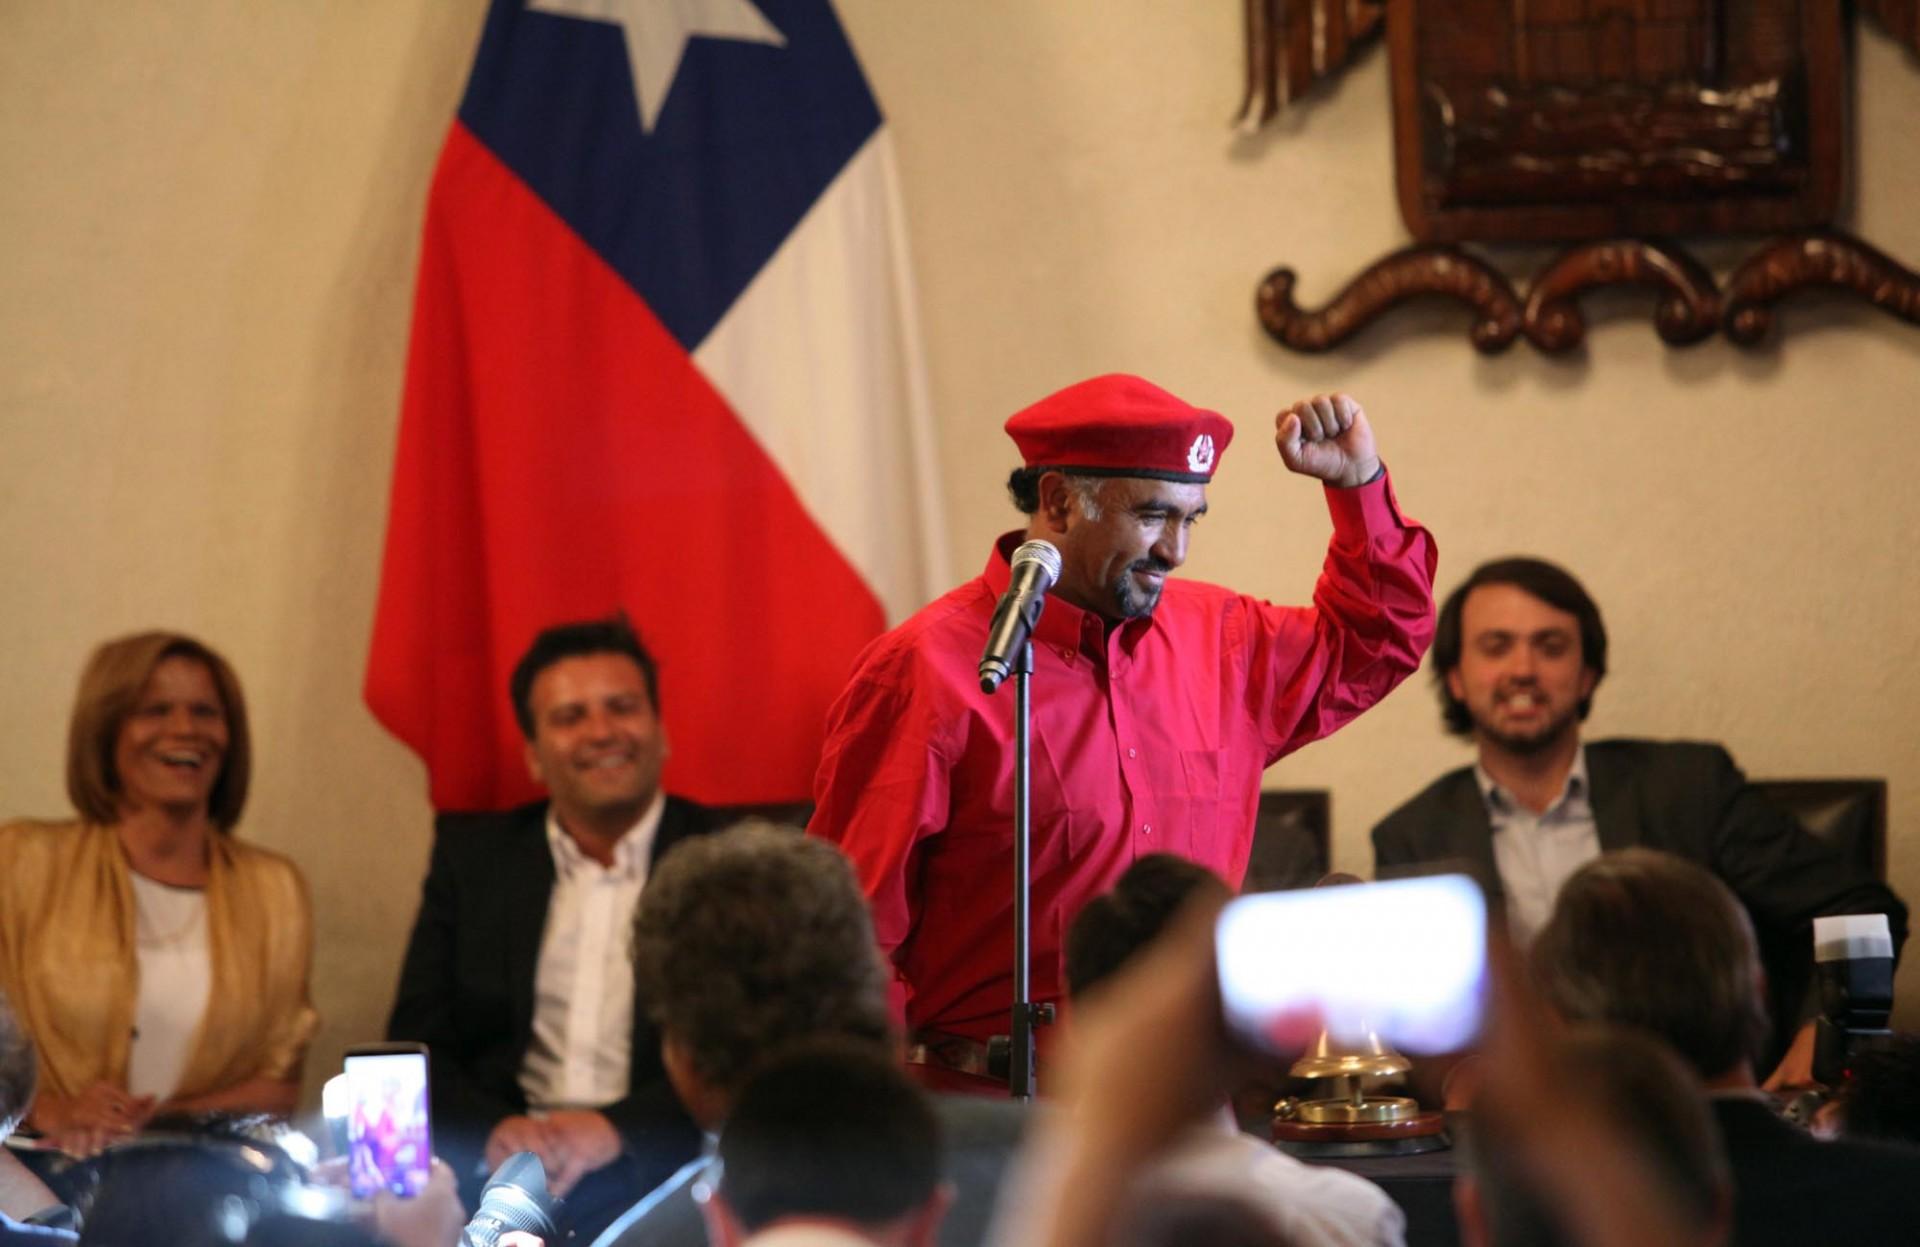 Otro que usa el puño izquierdo arriba es Yuri Zúñiga, que llegó al concejo desde su carro de venta de sánguches con discursos de allende en los parlantes.